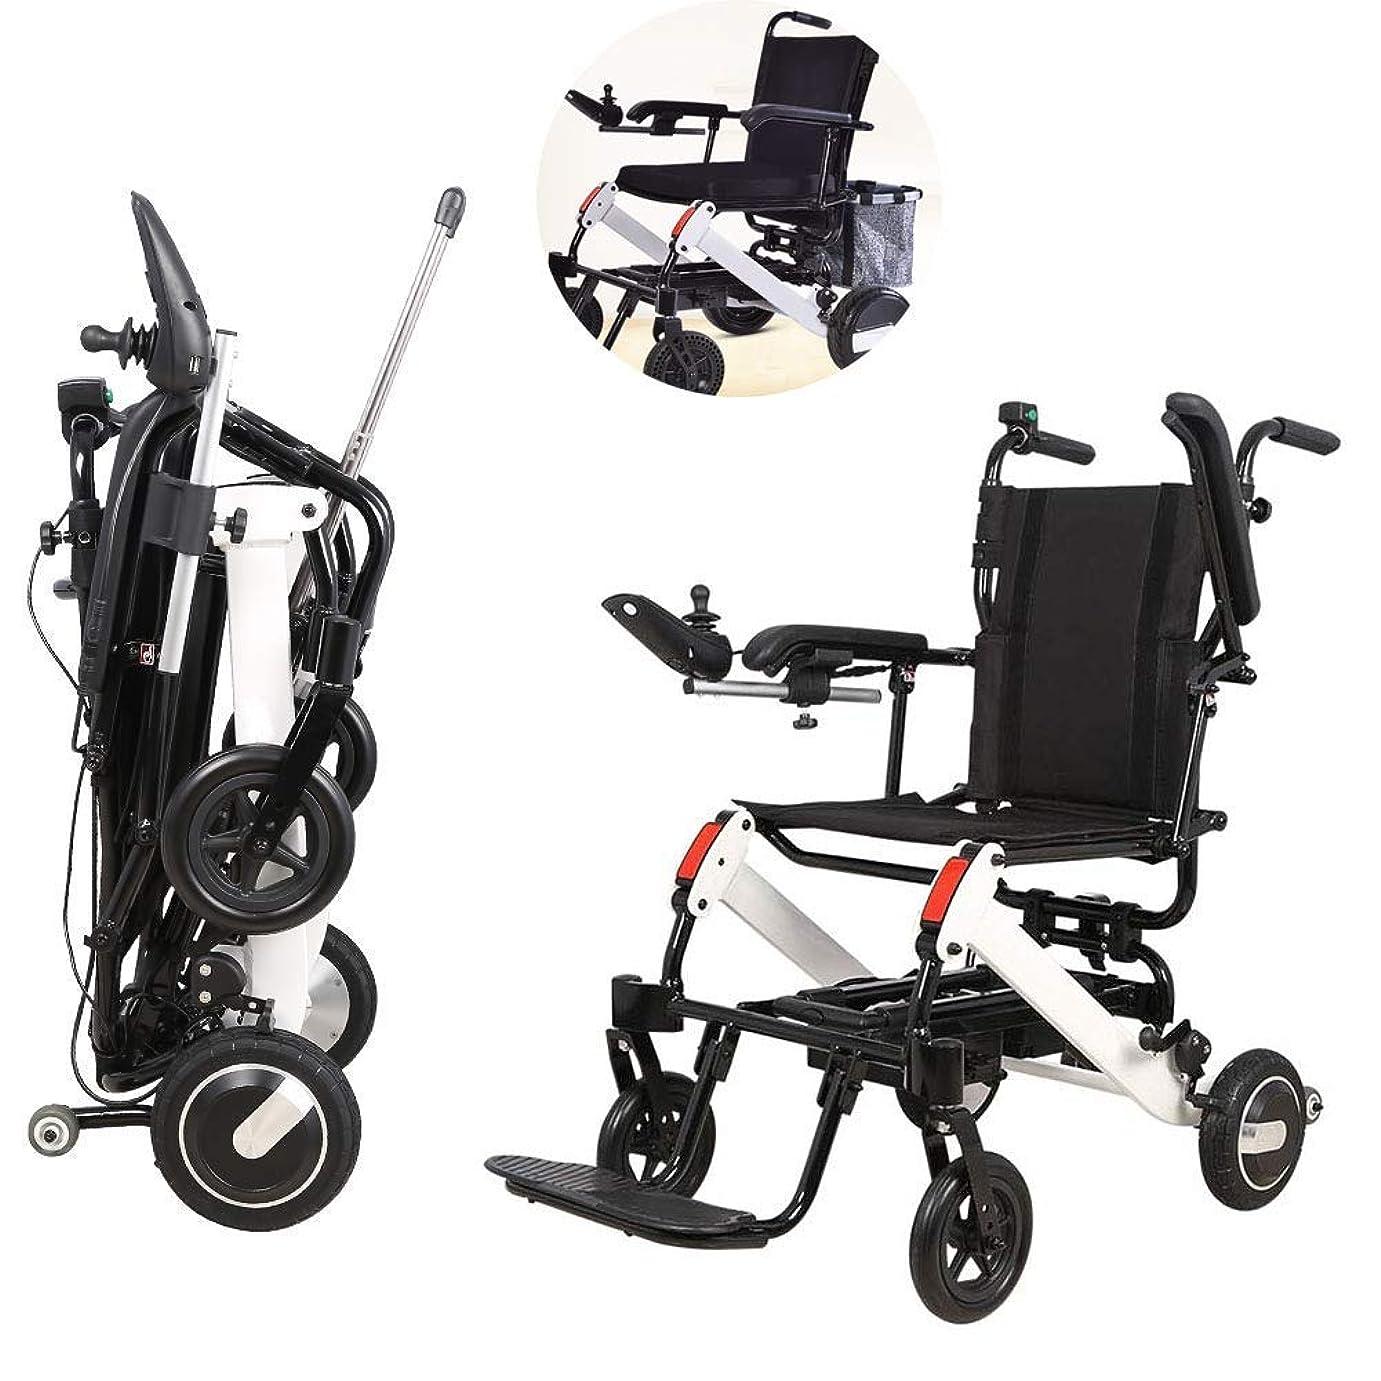 不十分な砂漠最大の電動車椅子、軽量折りたたみ式折りたたみ式高齢者スクーター、買い物カゴ付き、15km走行可能